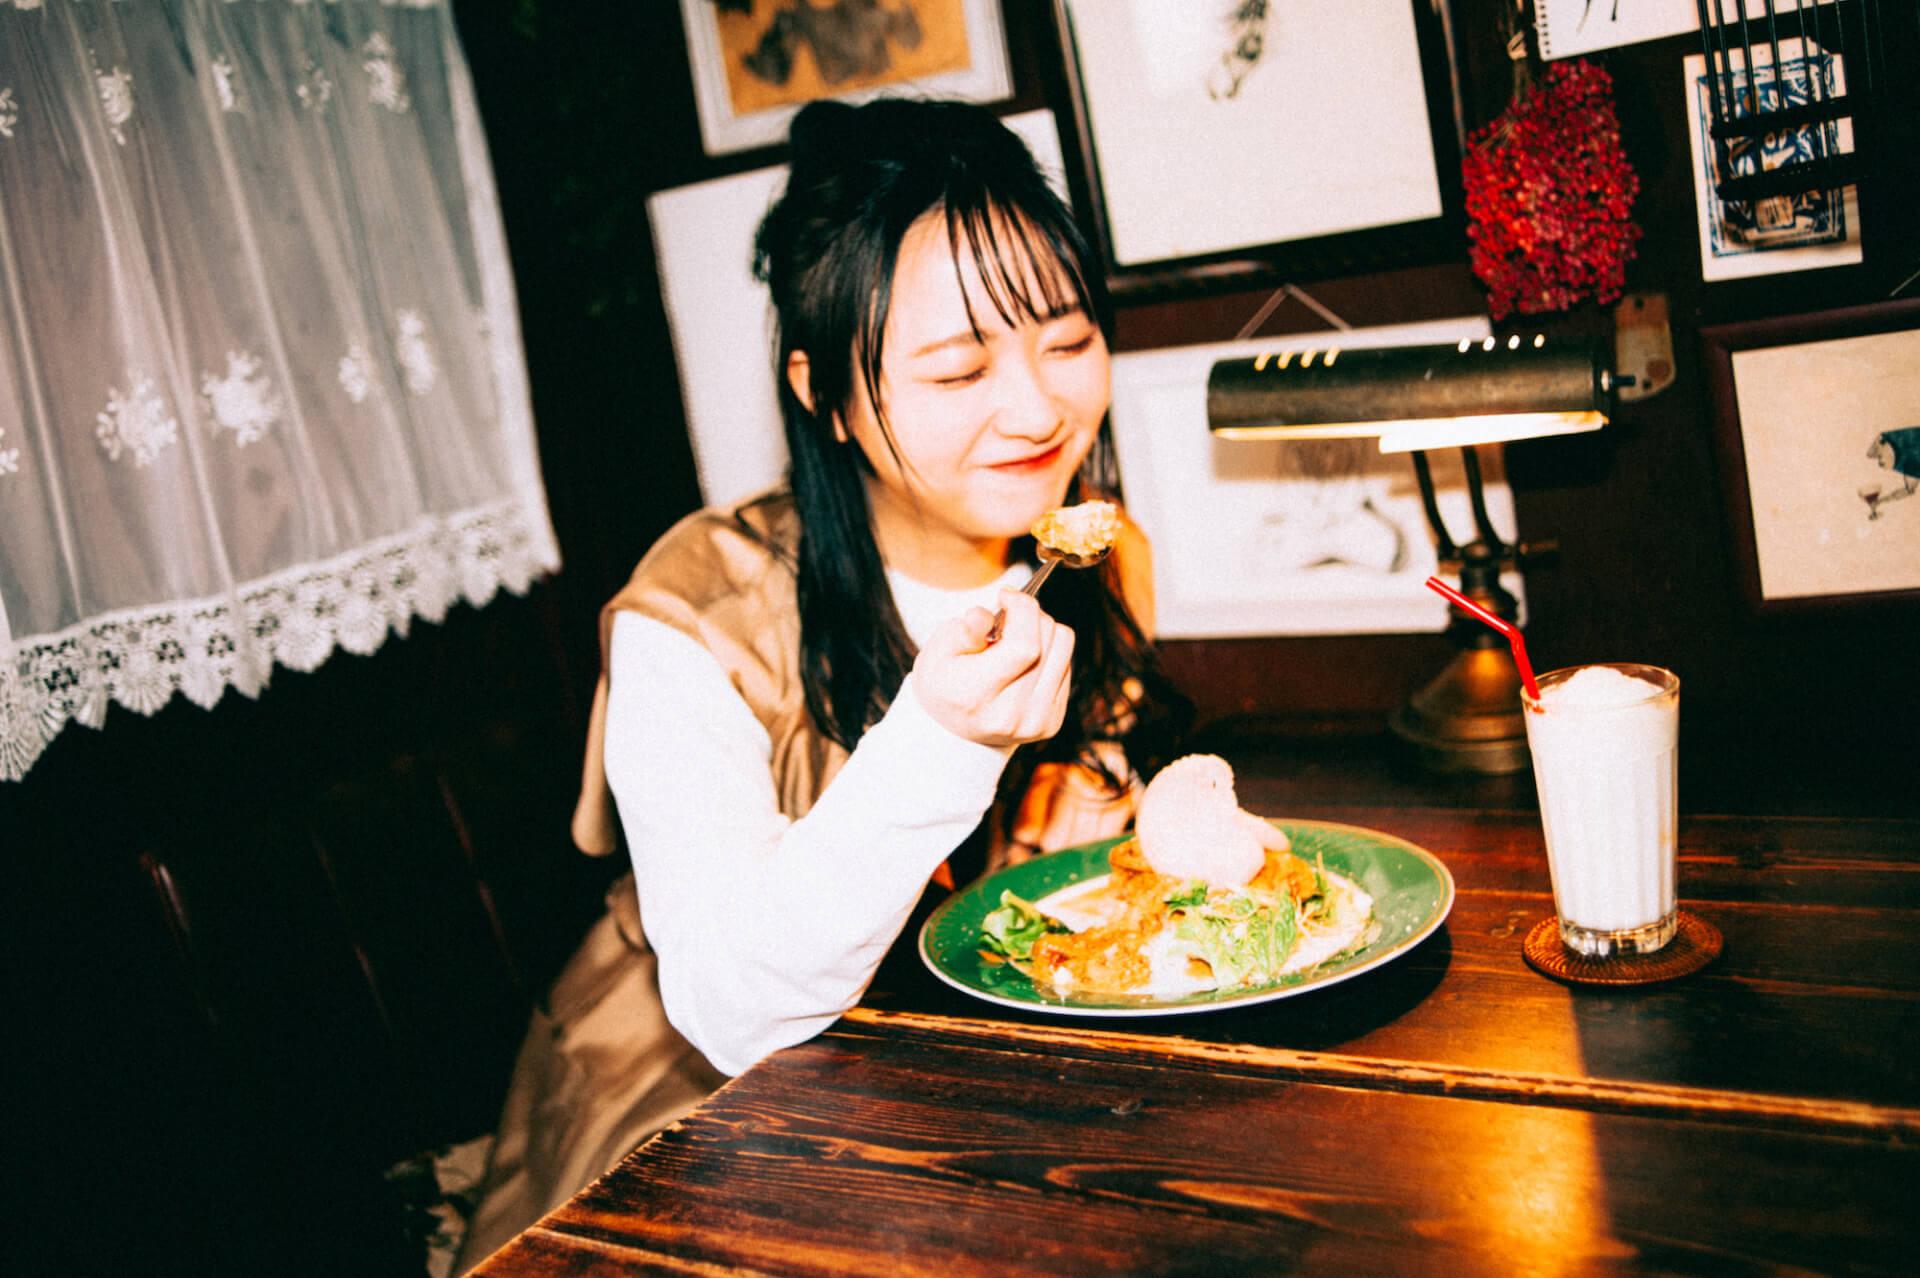 コウキシン女子の初体験 vol.19 石田千穂(STU48):広島のカルチャースポット column210222_chihoishida_47